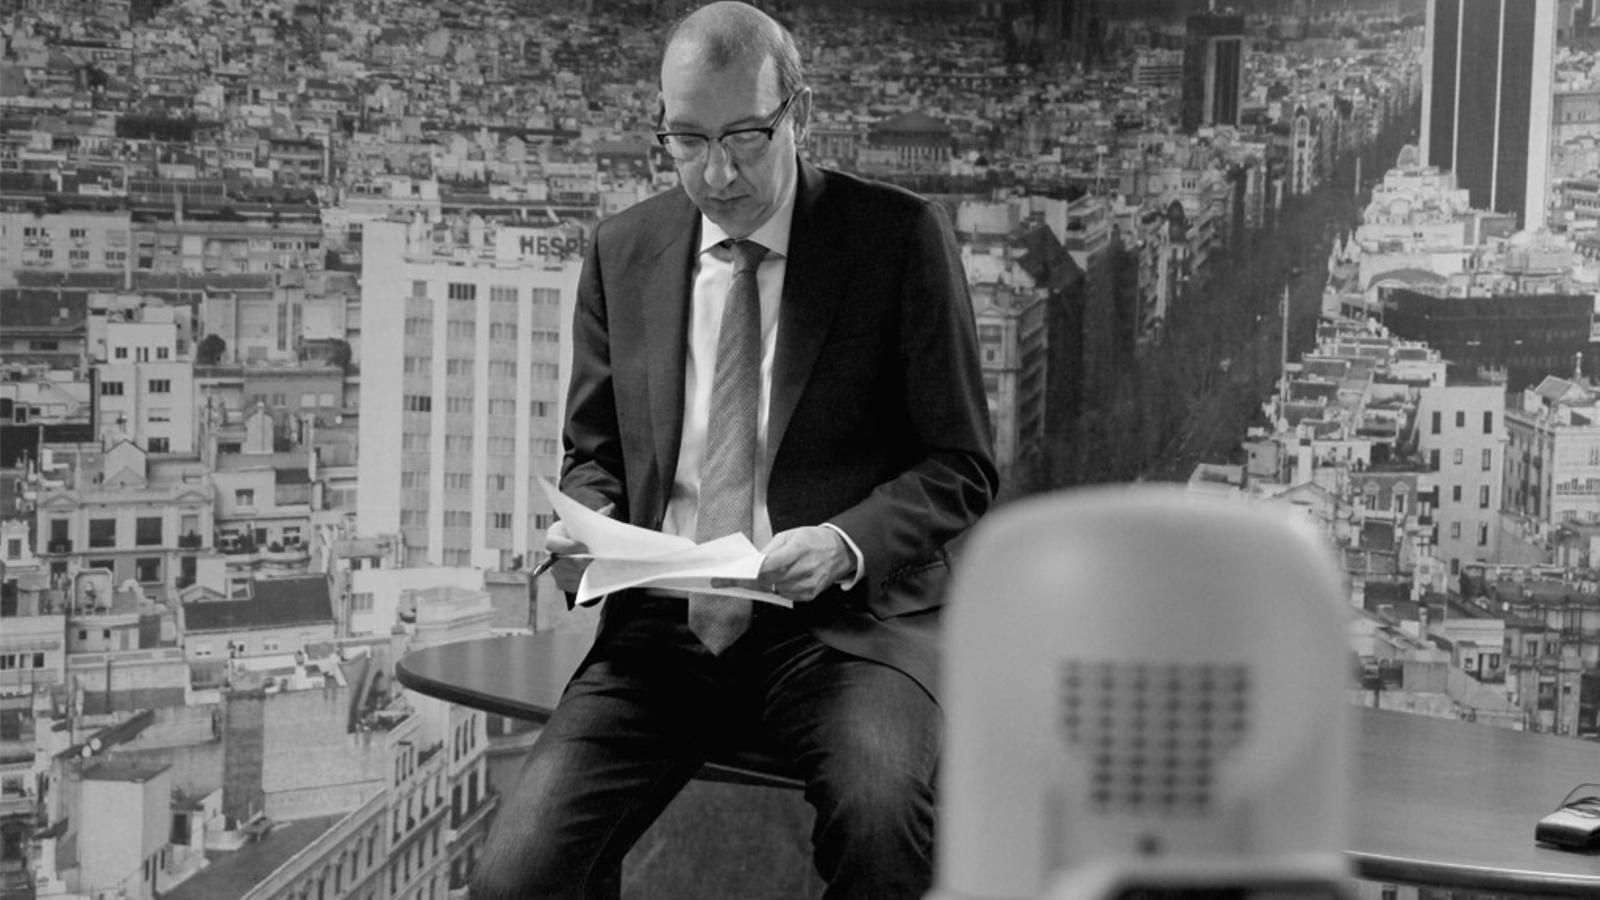 L'Editorial d'Antoni Bassas: 'Credibilitat per a la direcció política del procés' (18/02/15)